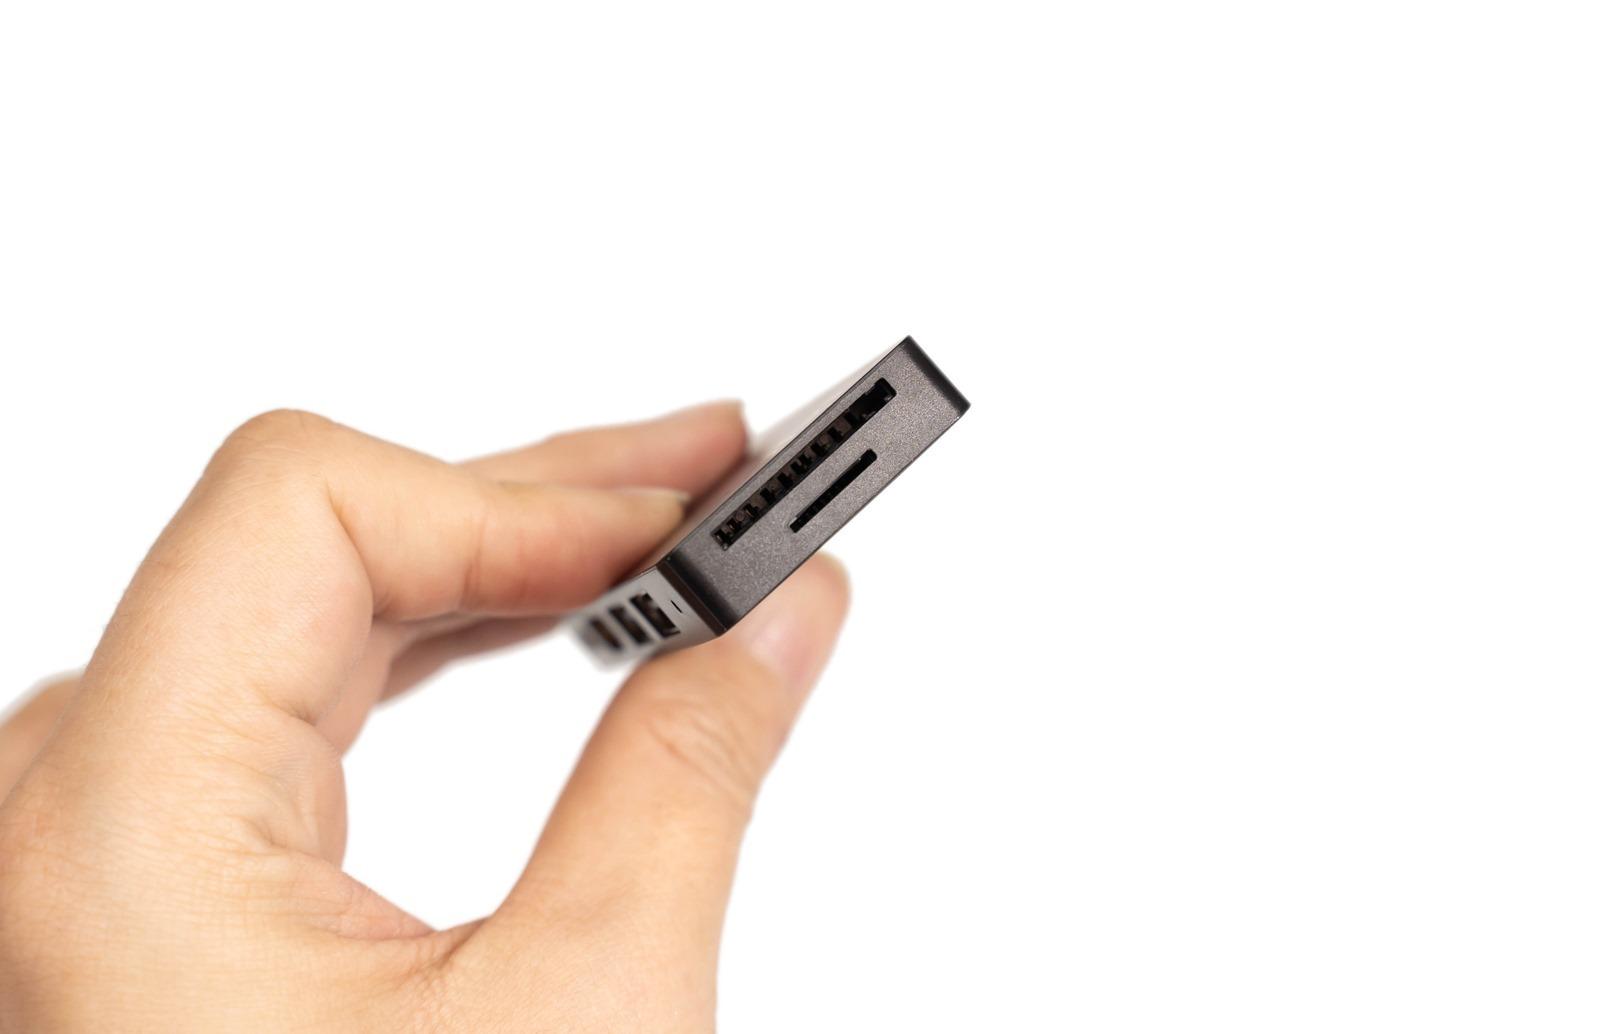 最強多功能底座 Jumpgate!可用於 Switch / 手機 / 電腦,多樣化變化史上最棒! @3C 達人廖阿輝